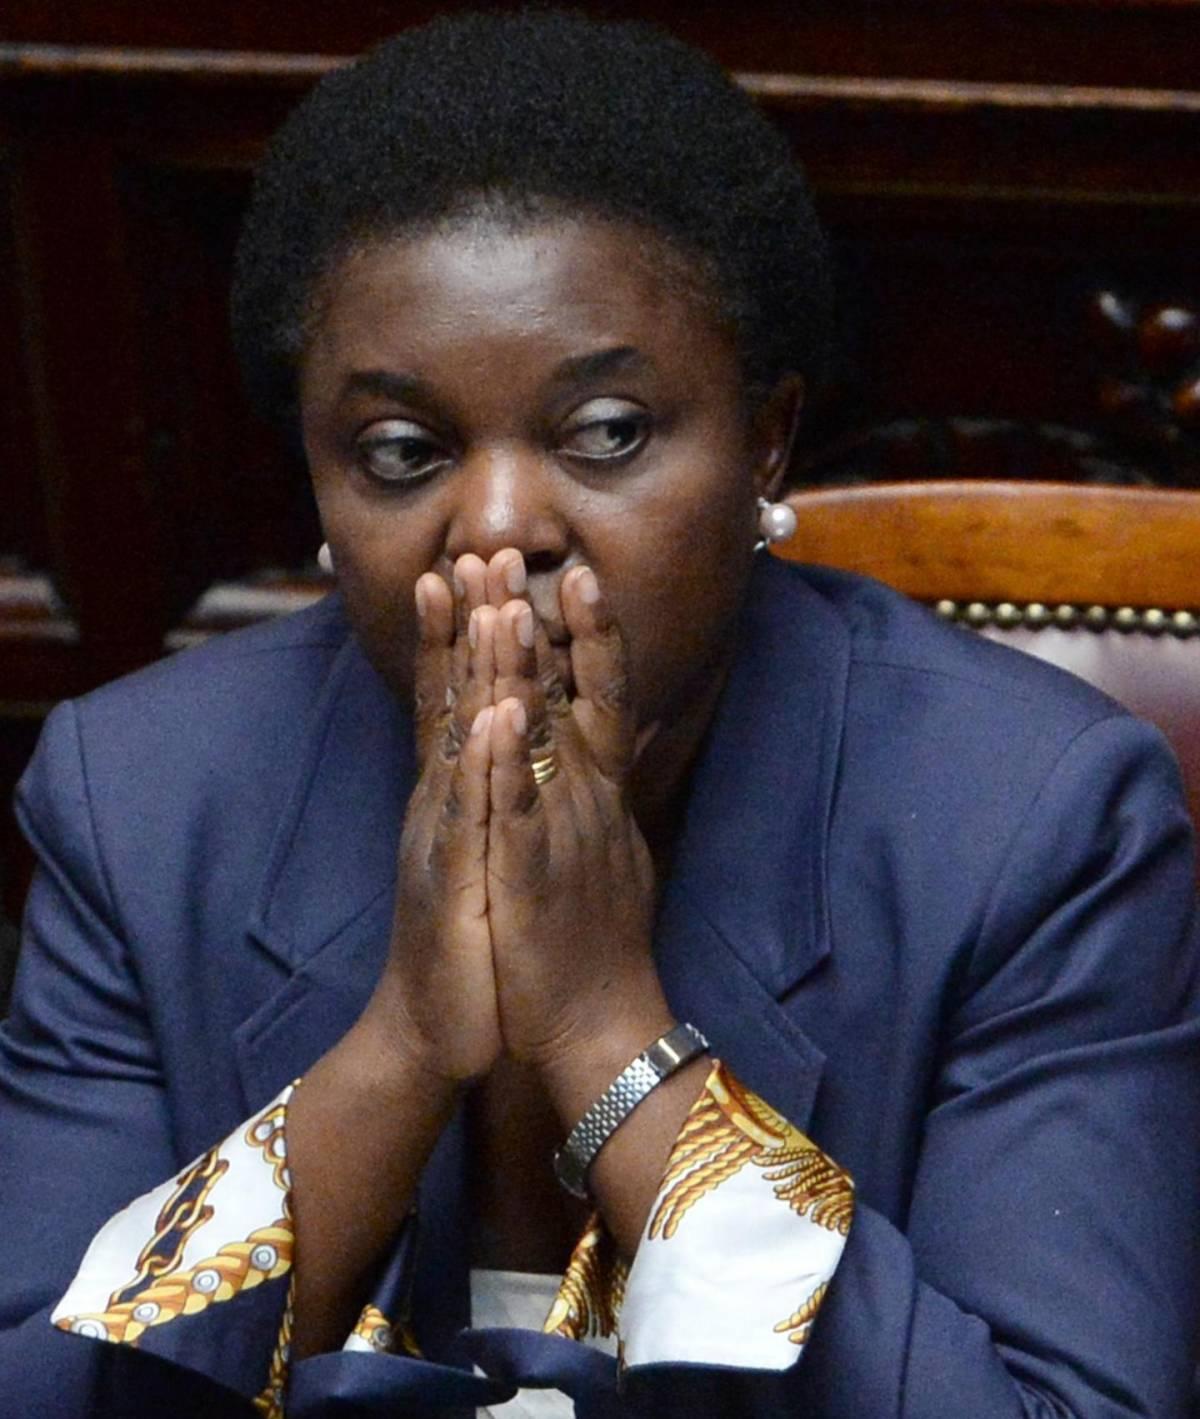 La soluzione della Kyenge per combattere il razzismo? Sbianchettare leggi di settant'anni fa